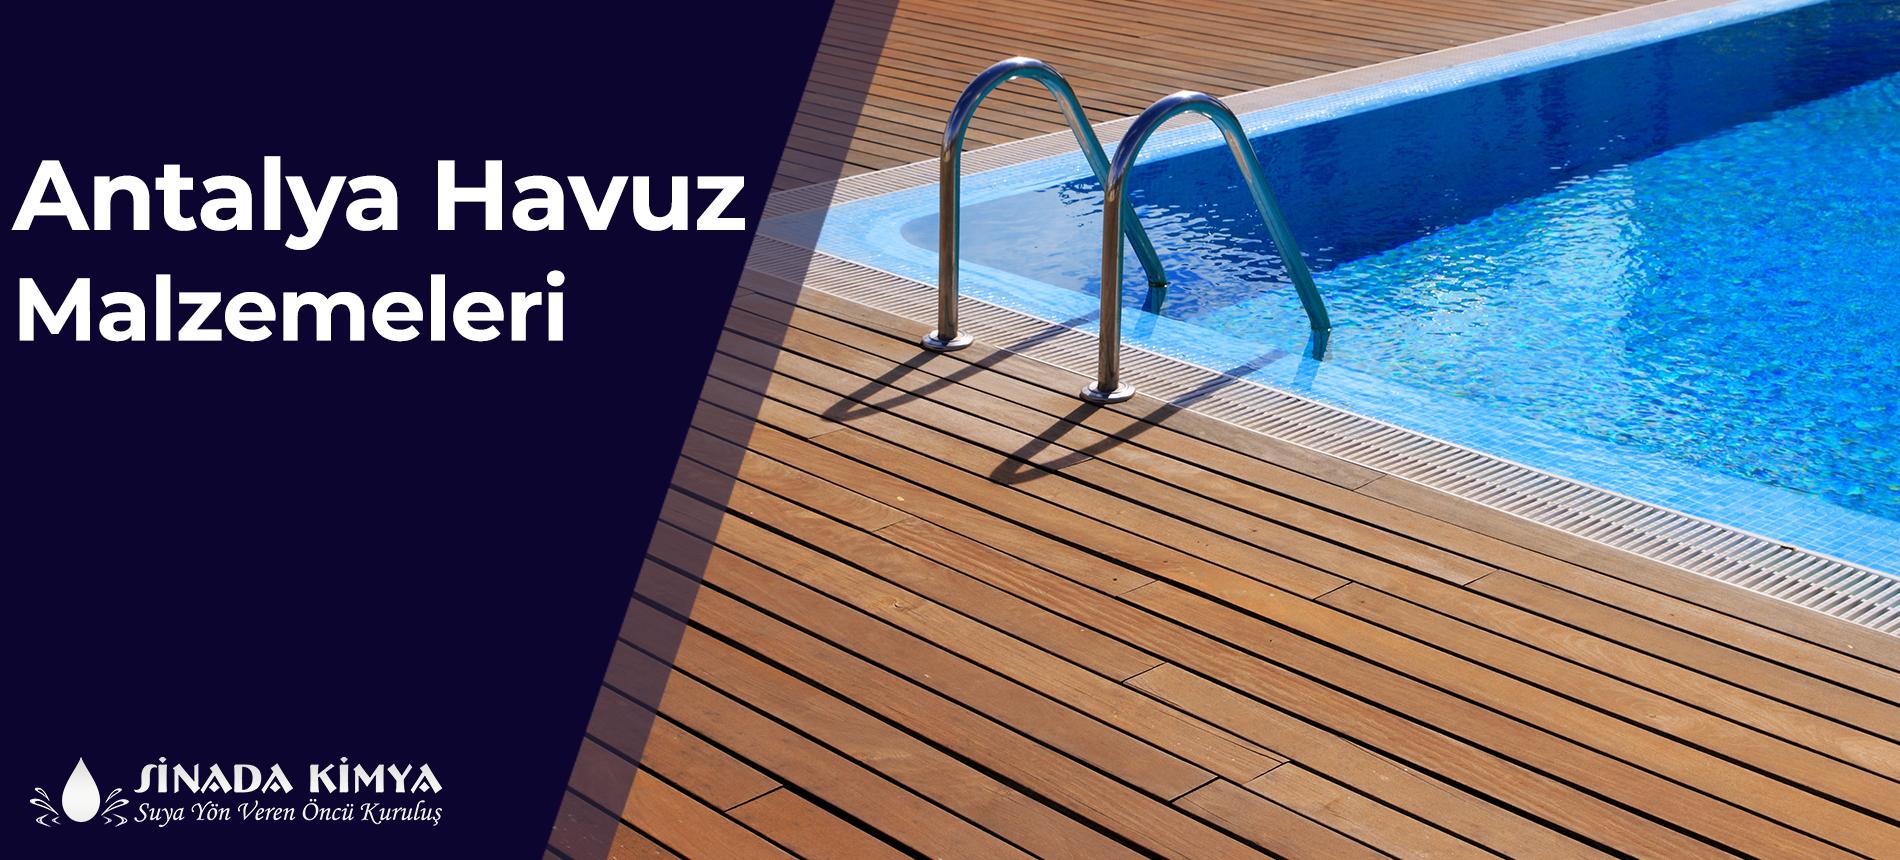 Antalya Havuz Malzemeleri